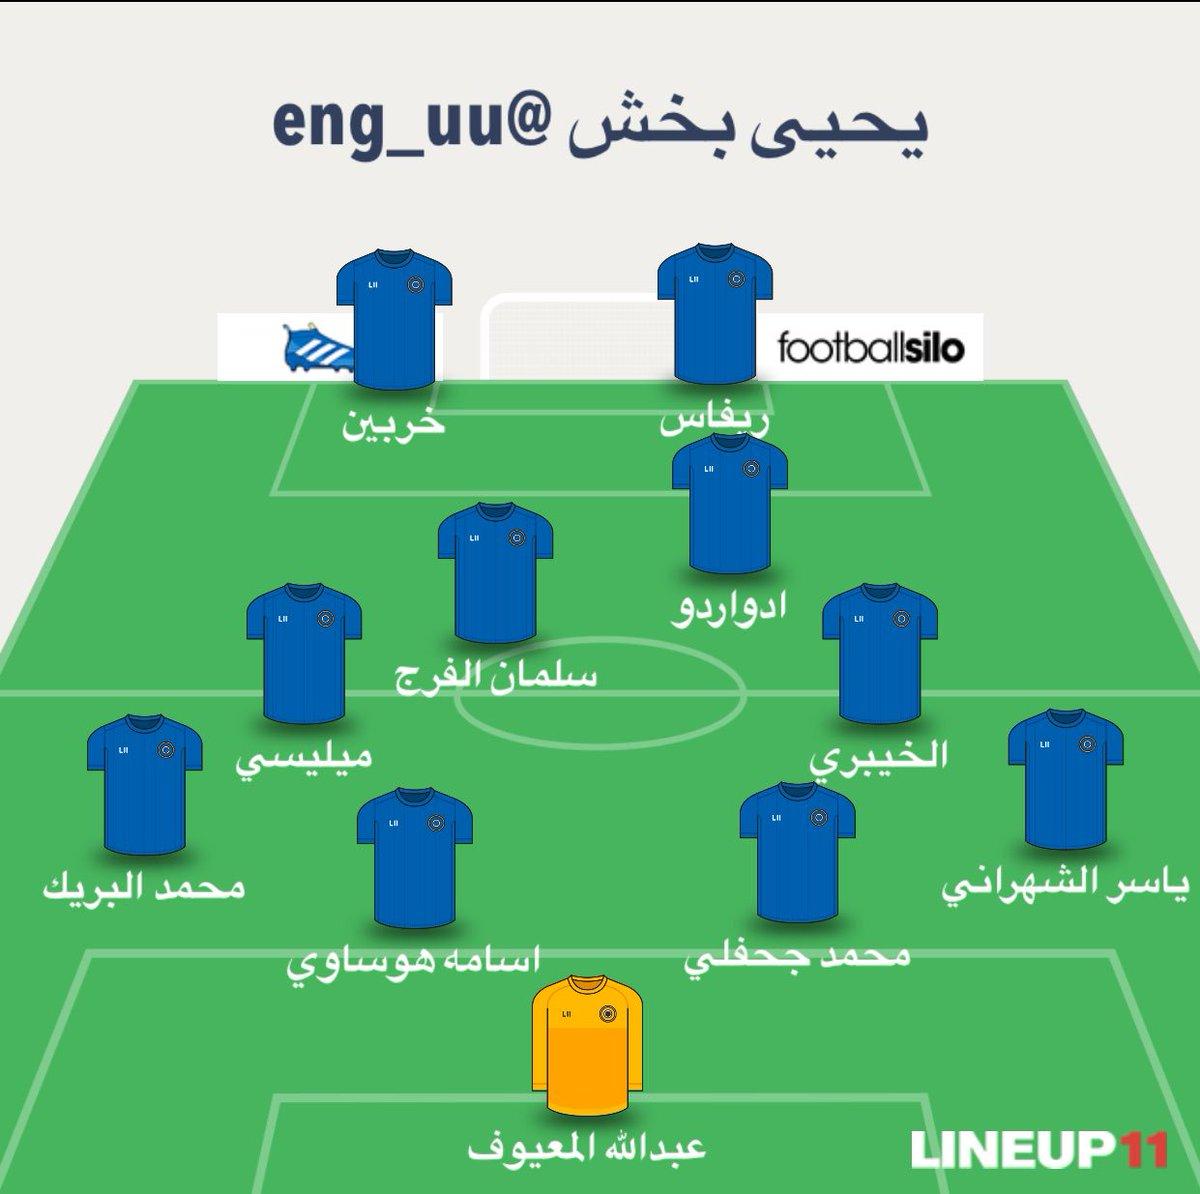 تغطية مبارااة الاتحاد والهلال .. تشكيلة الفريقين + حوار بعد المباراة ...